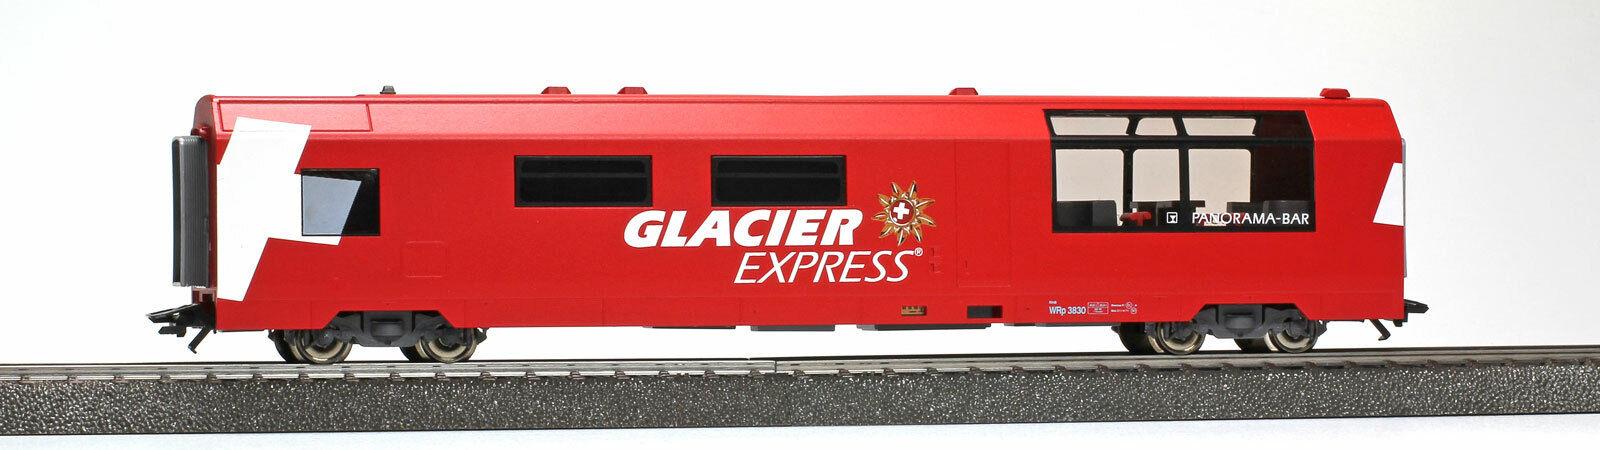 BEMO 3589132 RhB WRp 3832  Glacier-Express  Servicewagen 3L-WS Neuware  | Überlegene Qualität